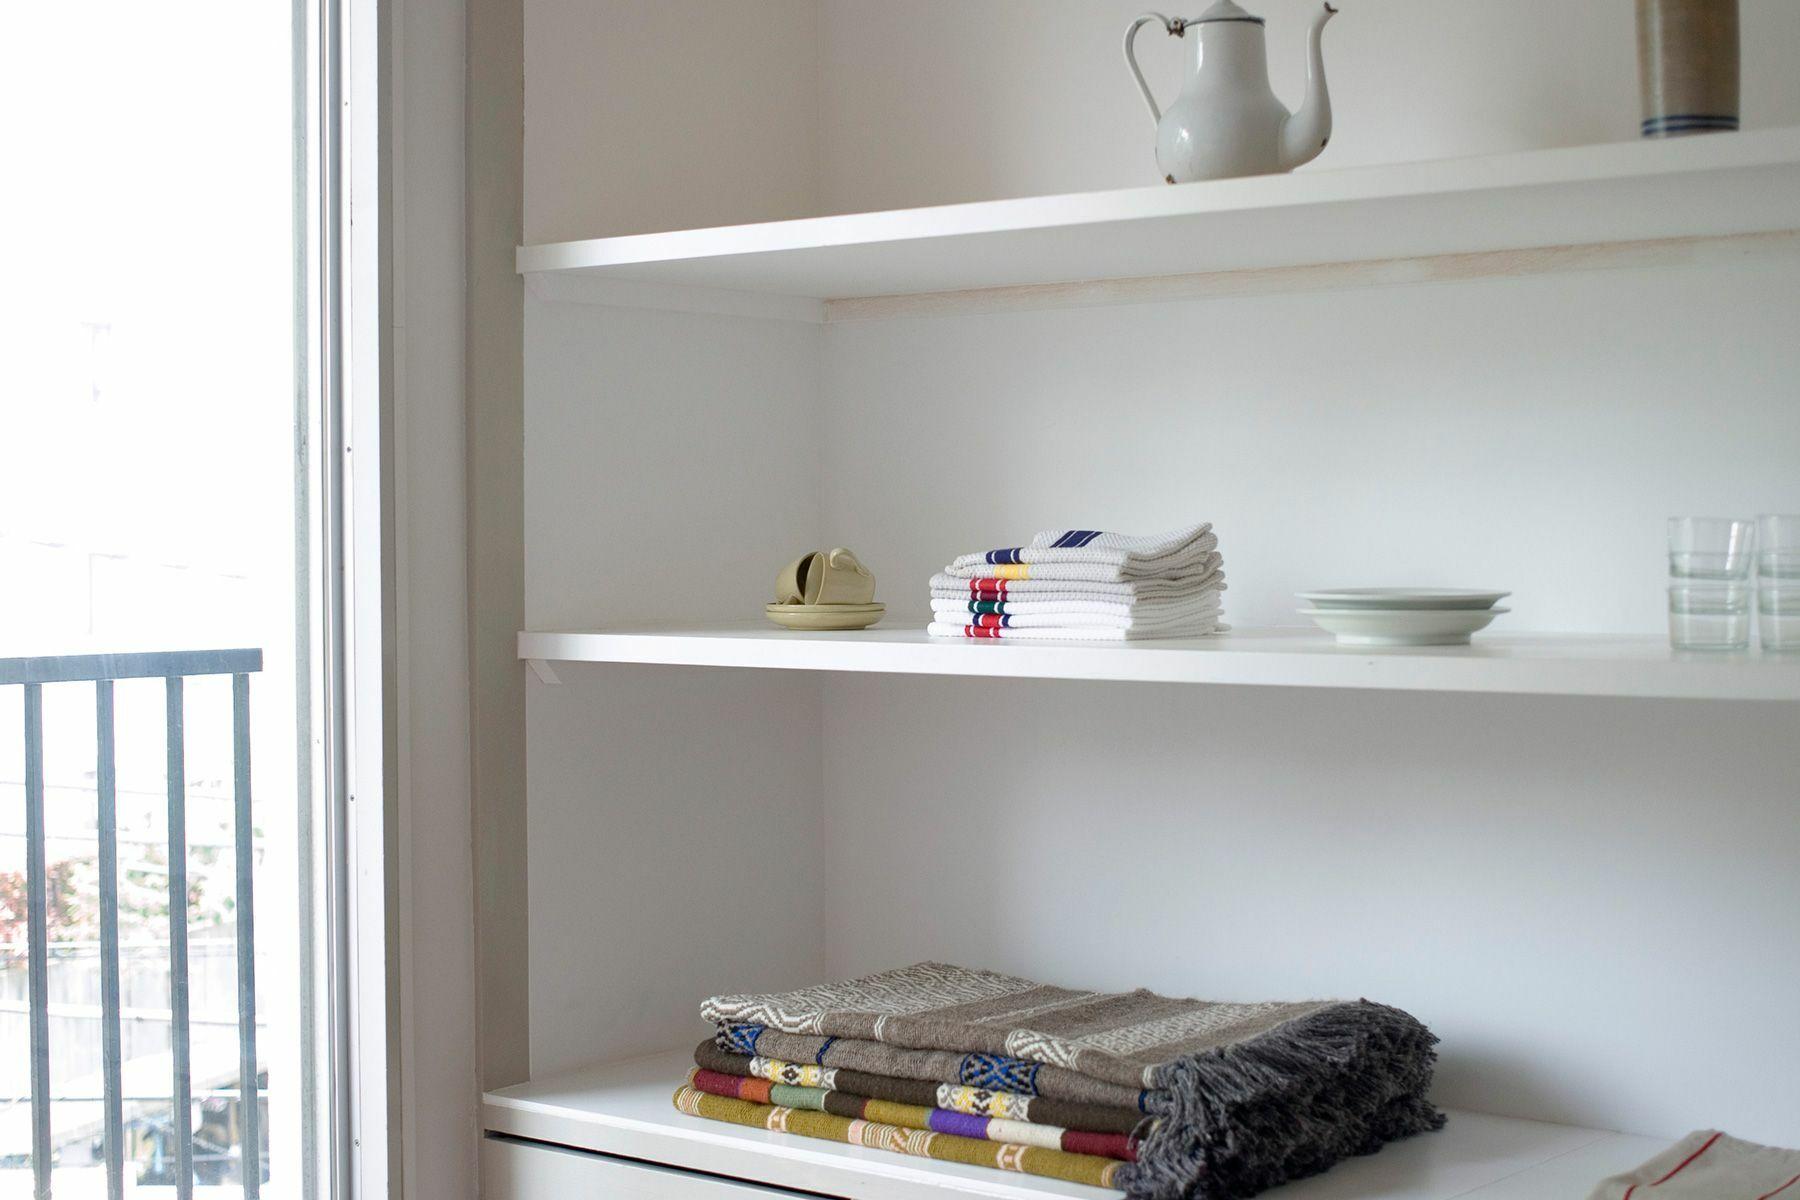 SHOTOHOUSE302 (ショウトウハウス302)ホワイトで統一したキッチン